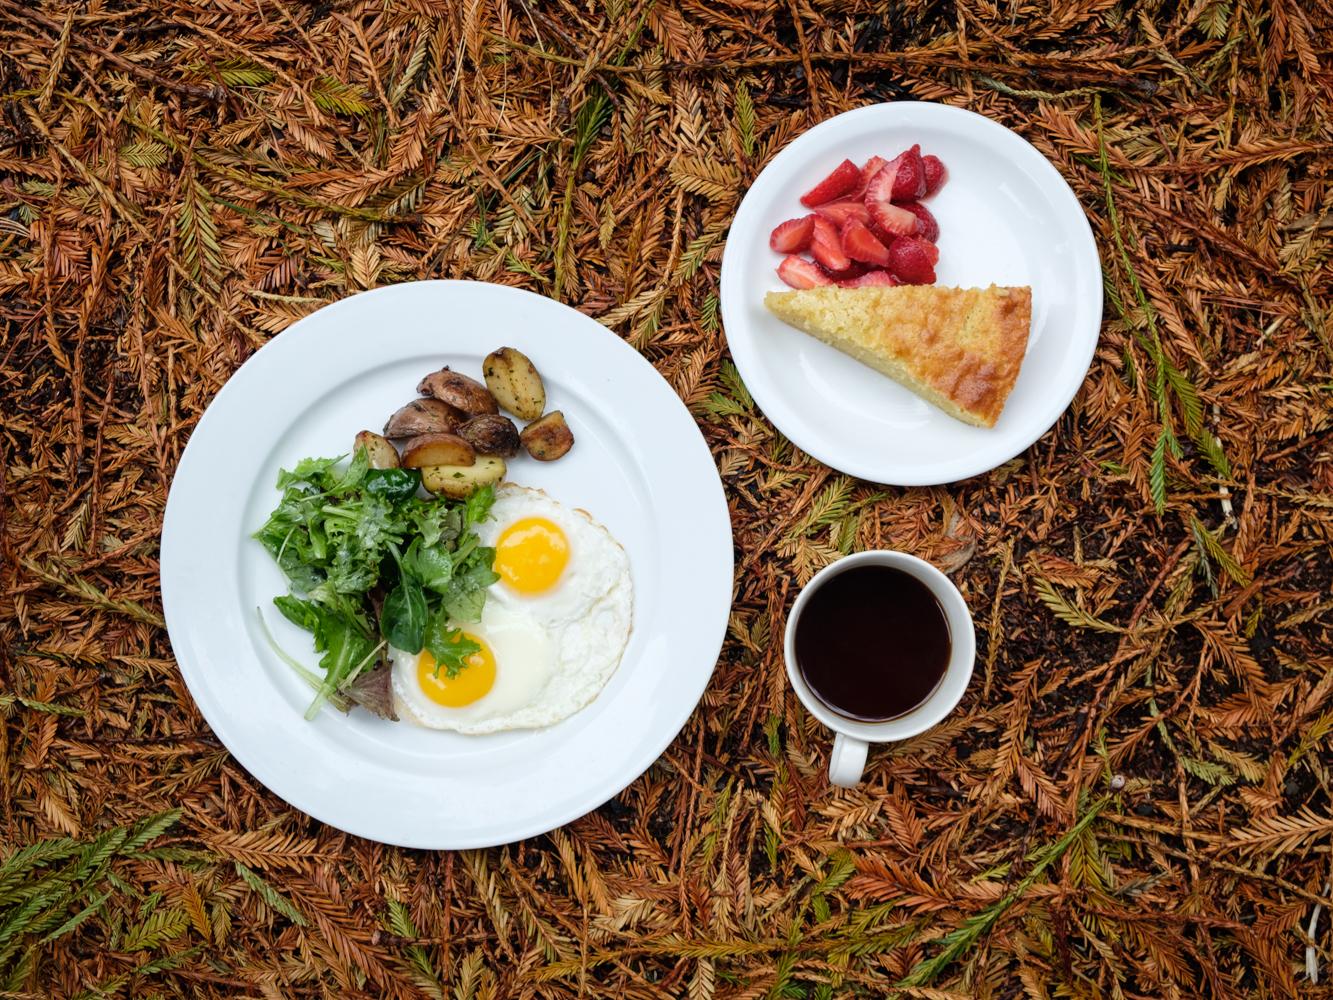 Breakfast-Cookwilltravel-Huckberry.jpg